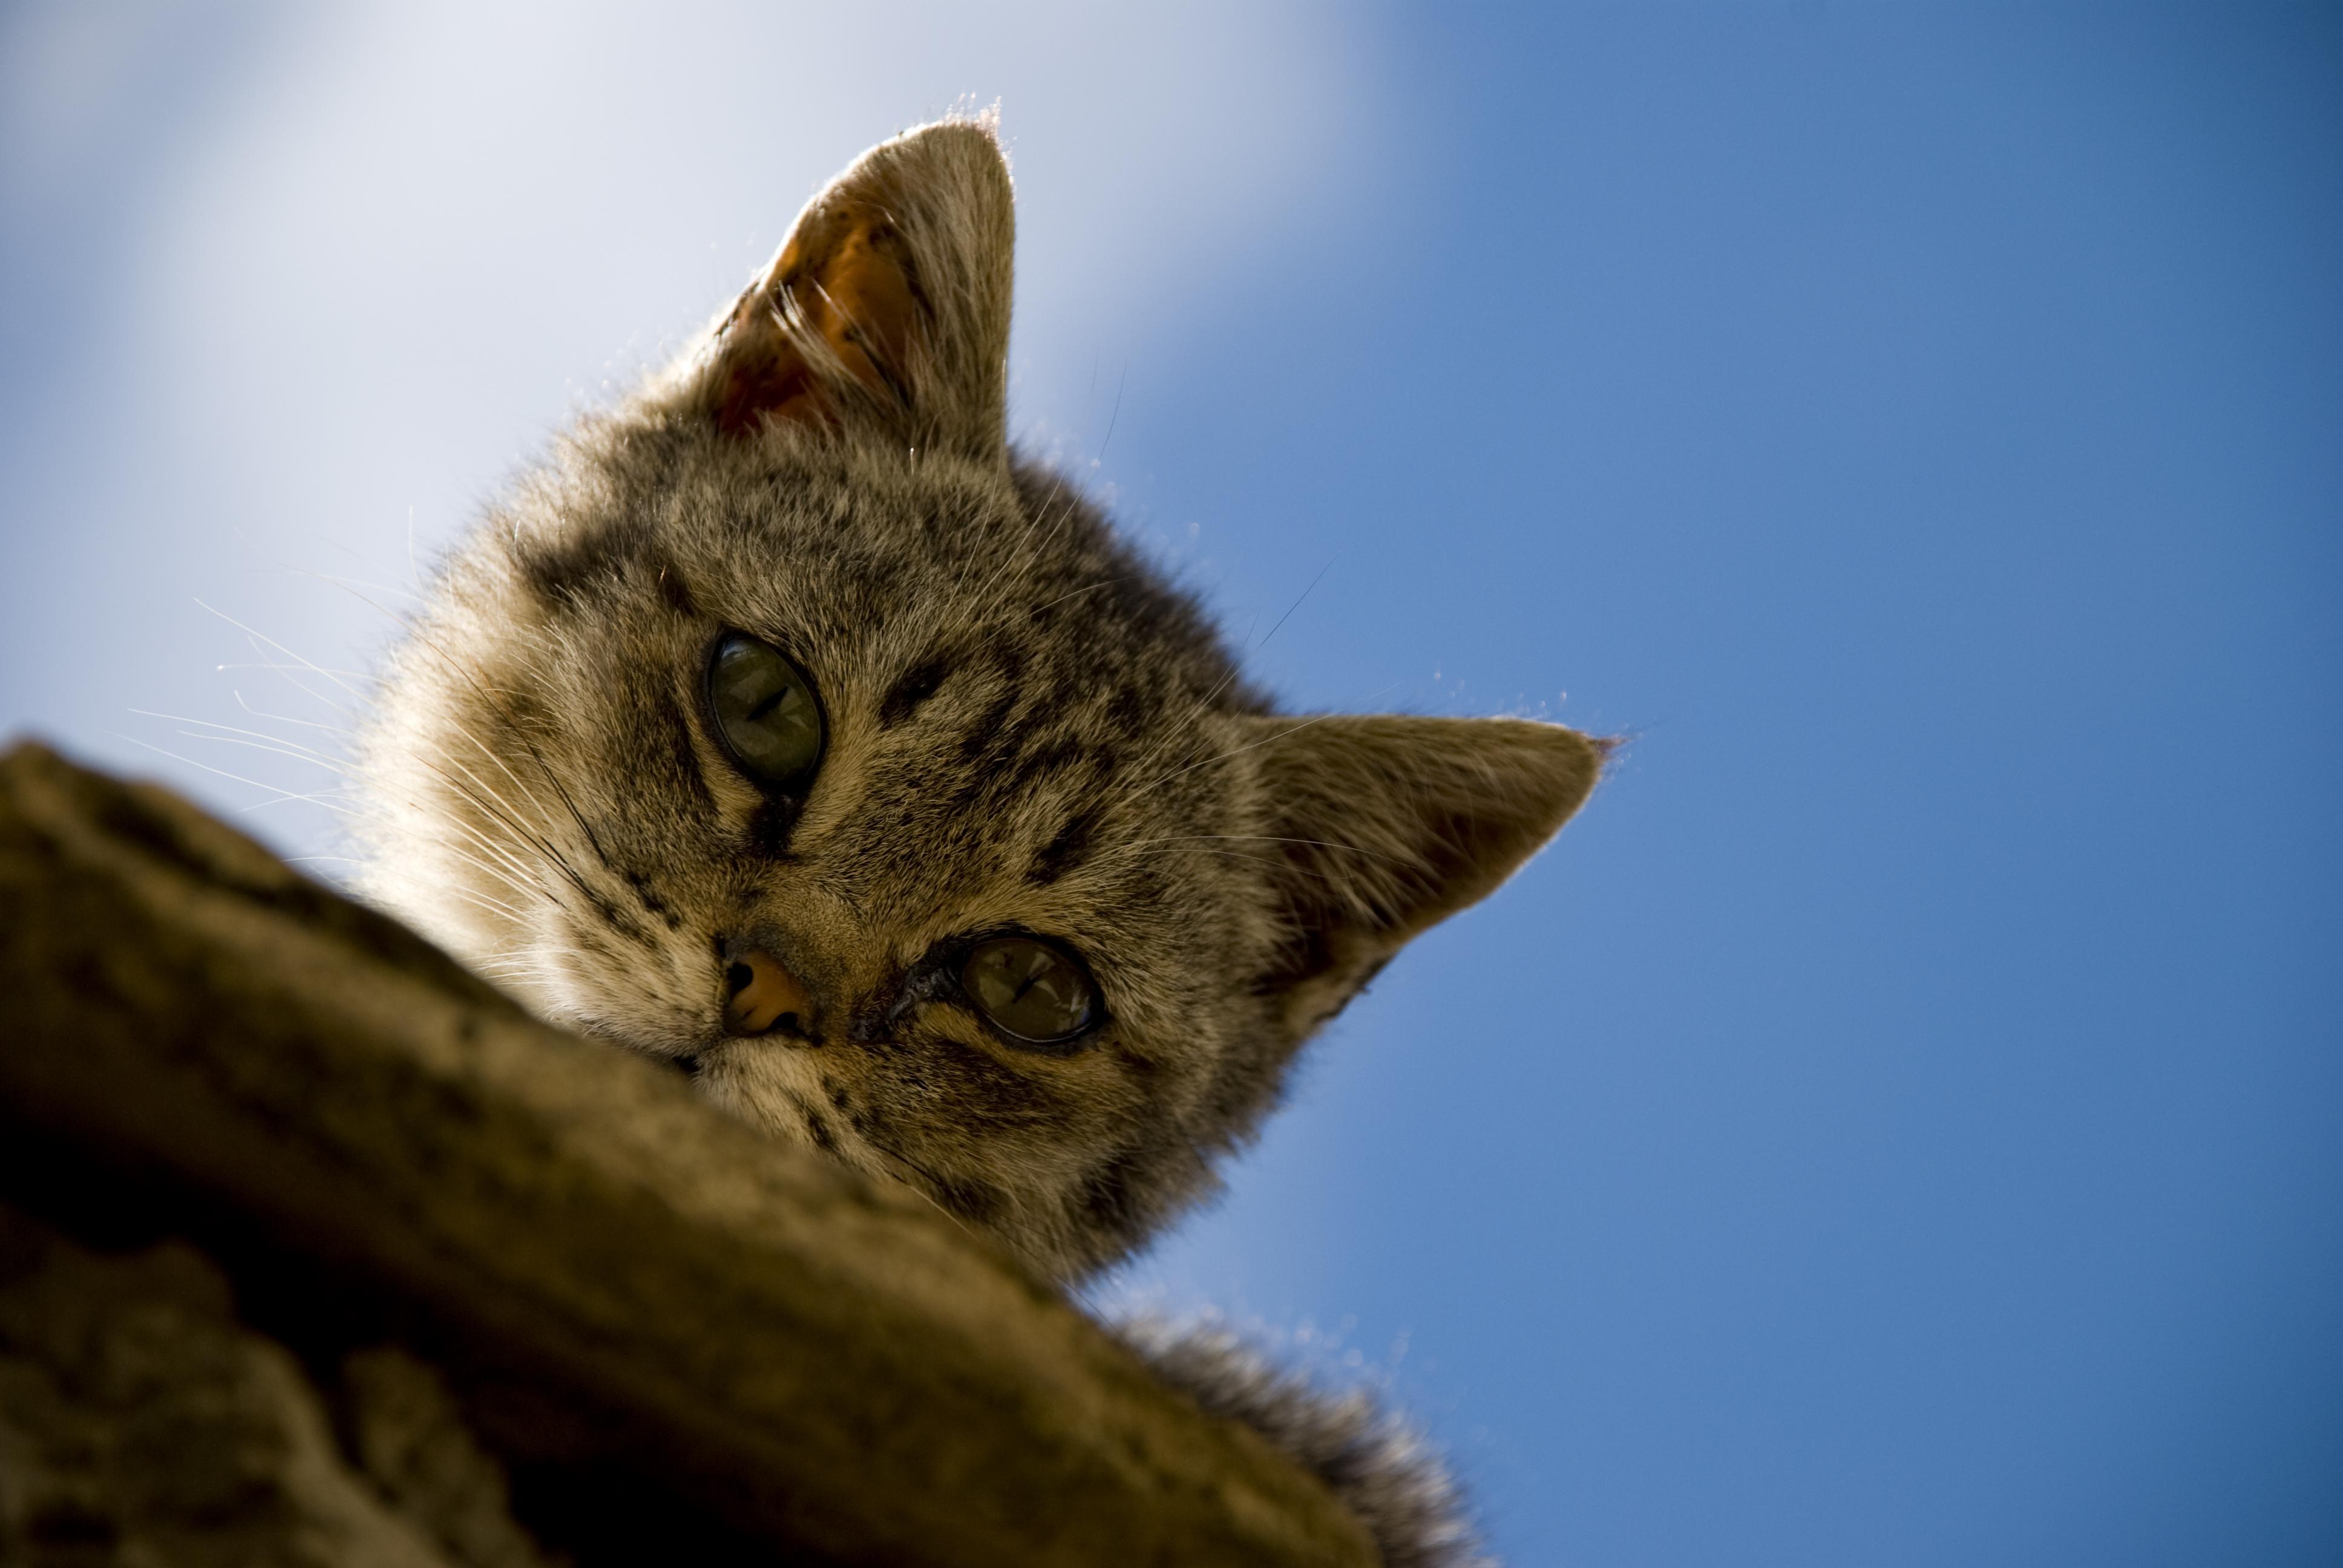 フリー画像 動物写真 哺乳類 ネコ科 猫 ネコ キジトラ フリー素材 画像素材なら 無料 フリー写真素材のフリーフォト